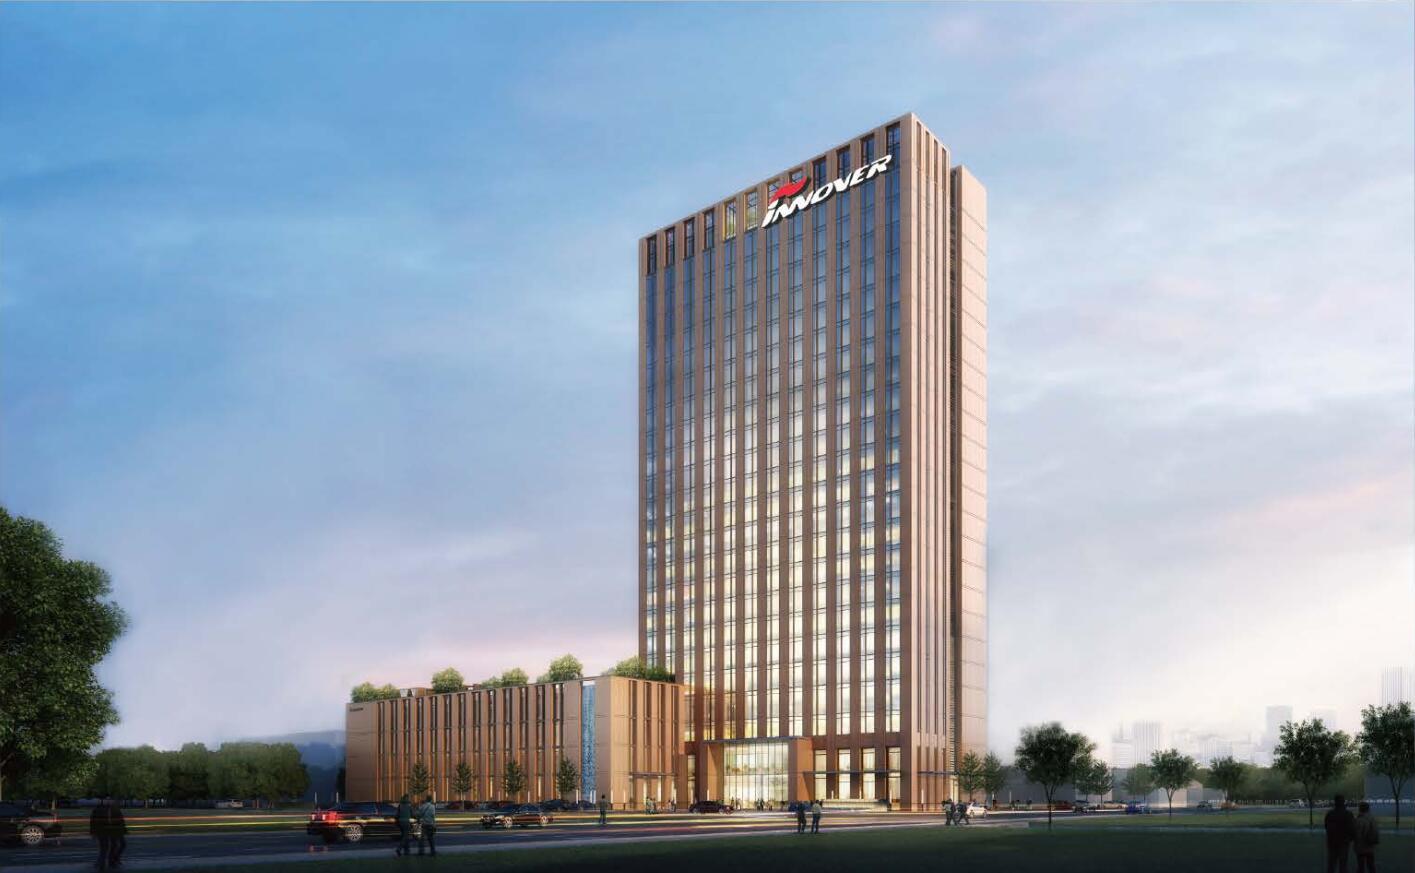 杭州先锋电子技术有限公司